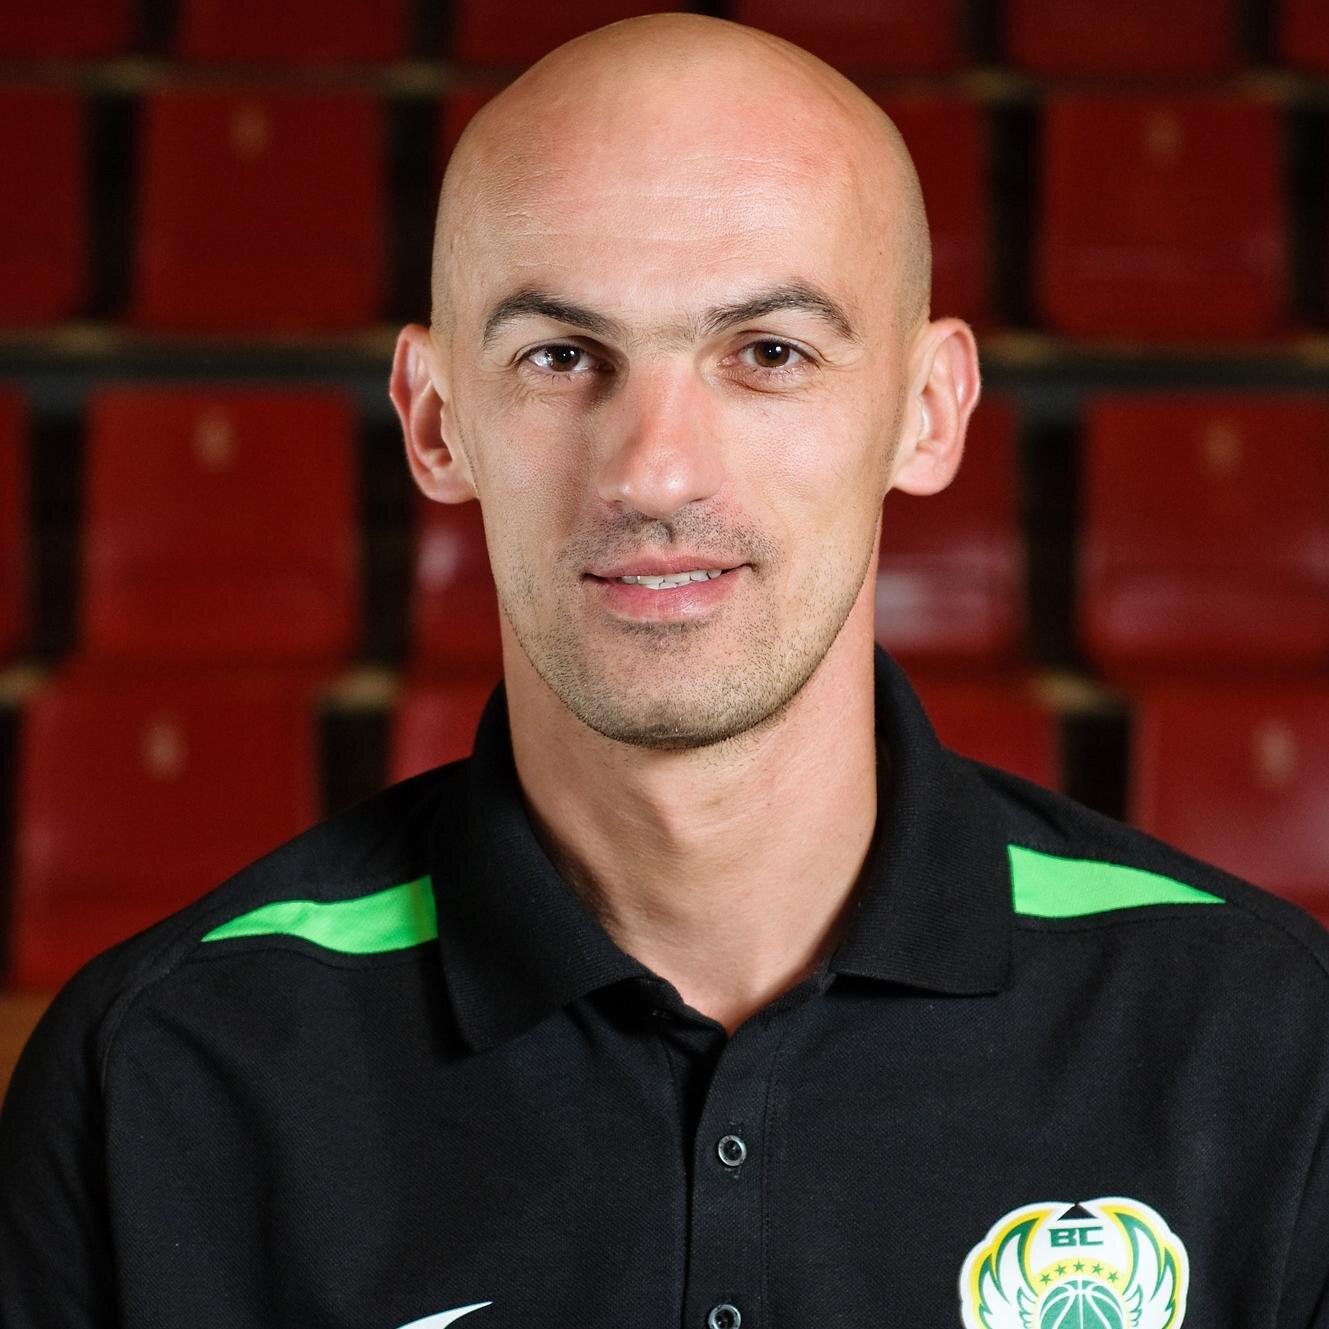 Krunoslav Krajnović